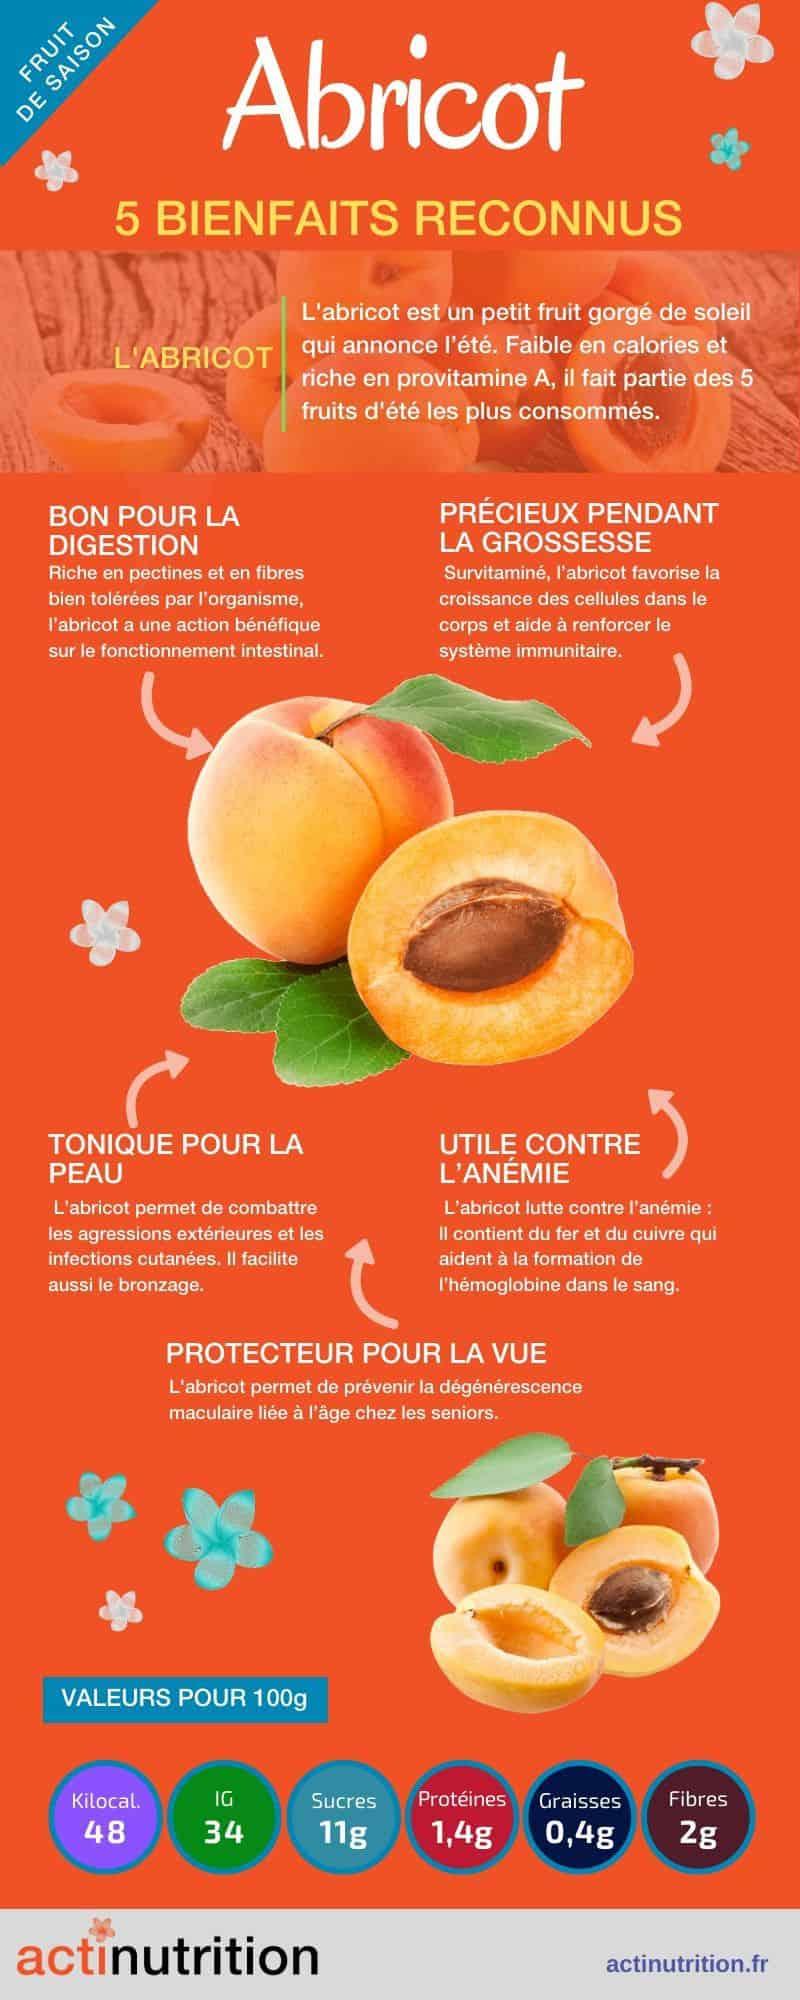 bienfaits de l'abricot.